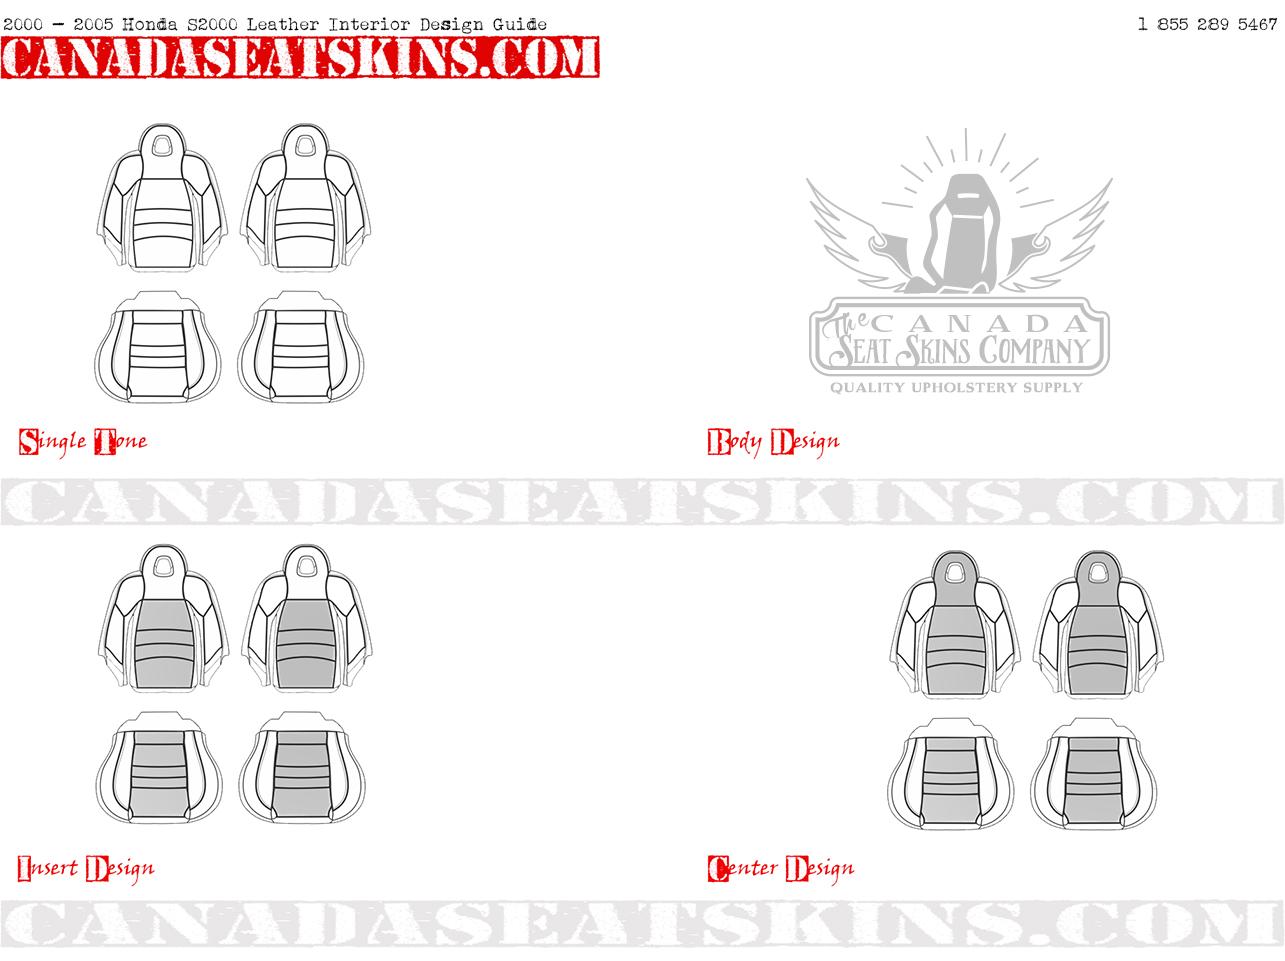 2000 2005 Honda S2000 Custom Leather Upholstery